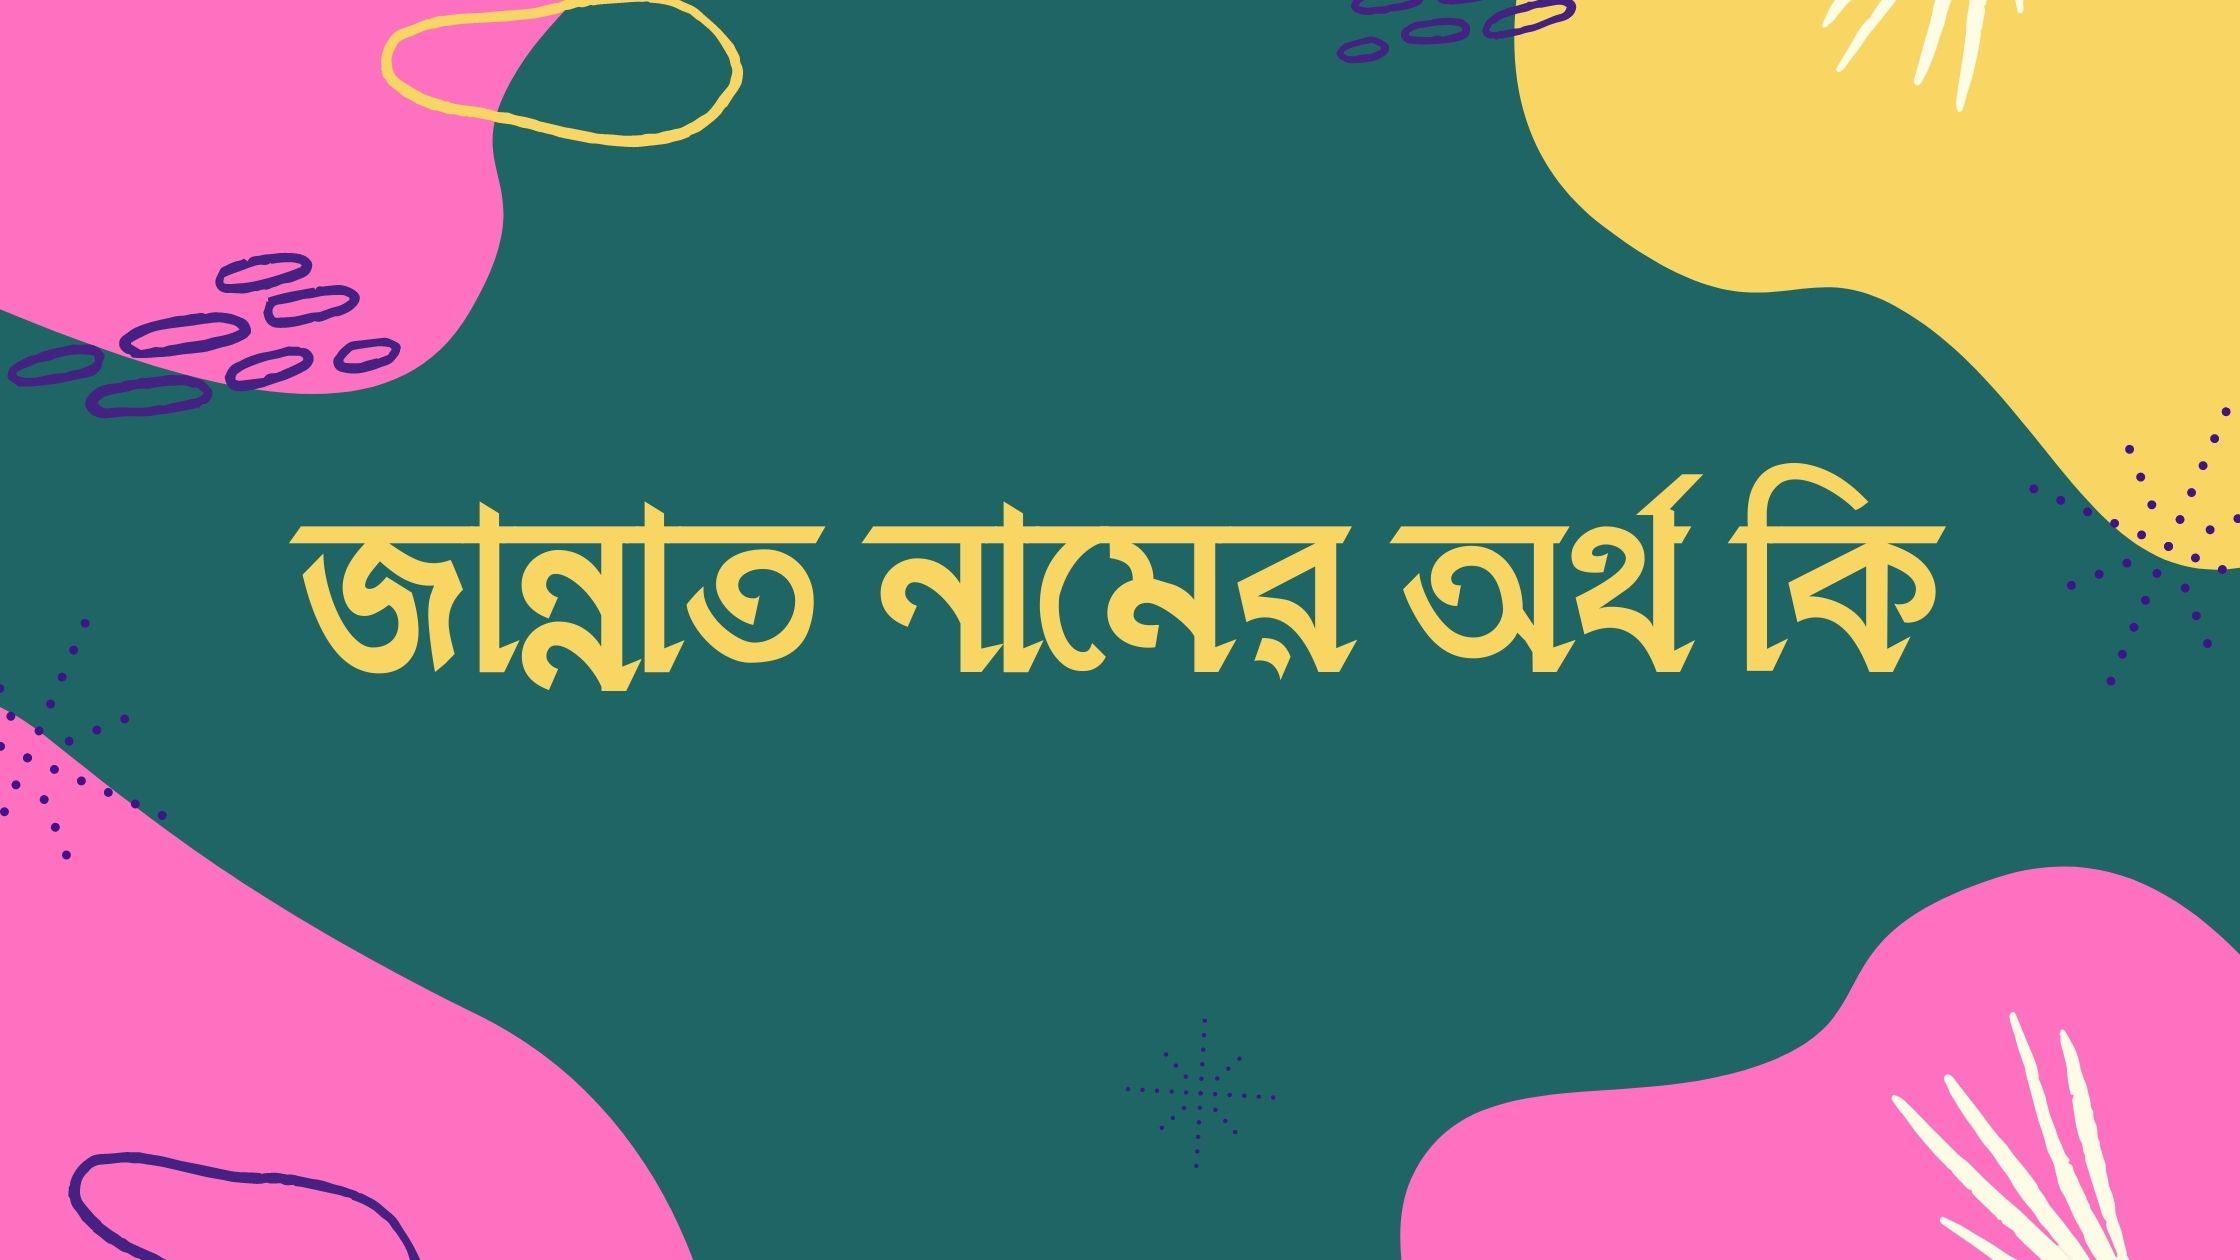 জান্নাত নামের অর্থ কি - Jannat namer ortho ki